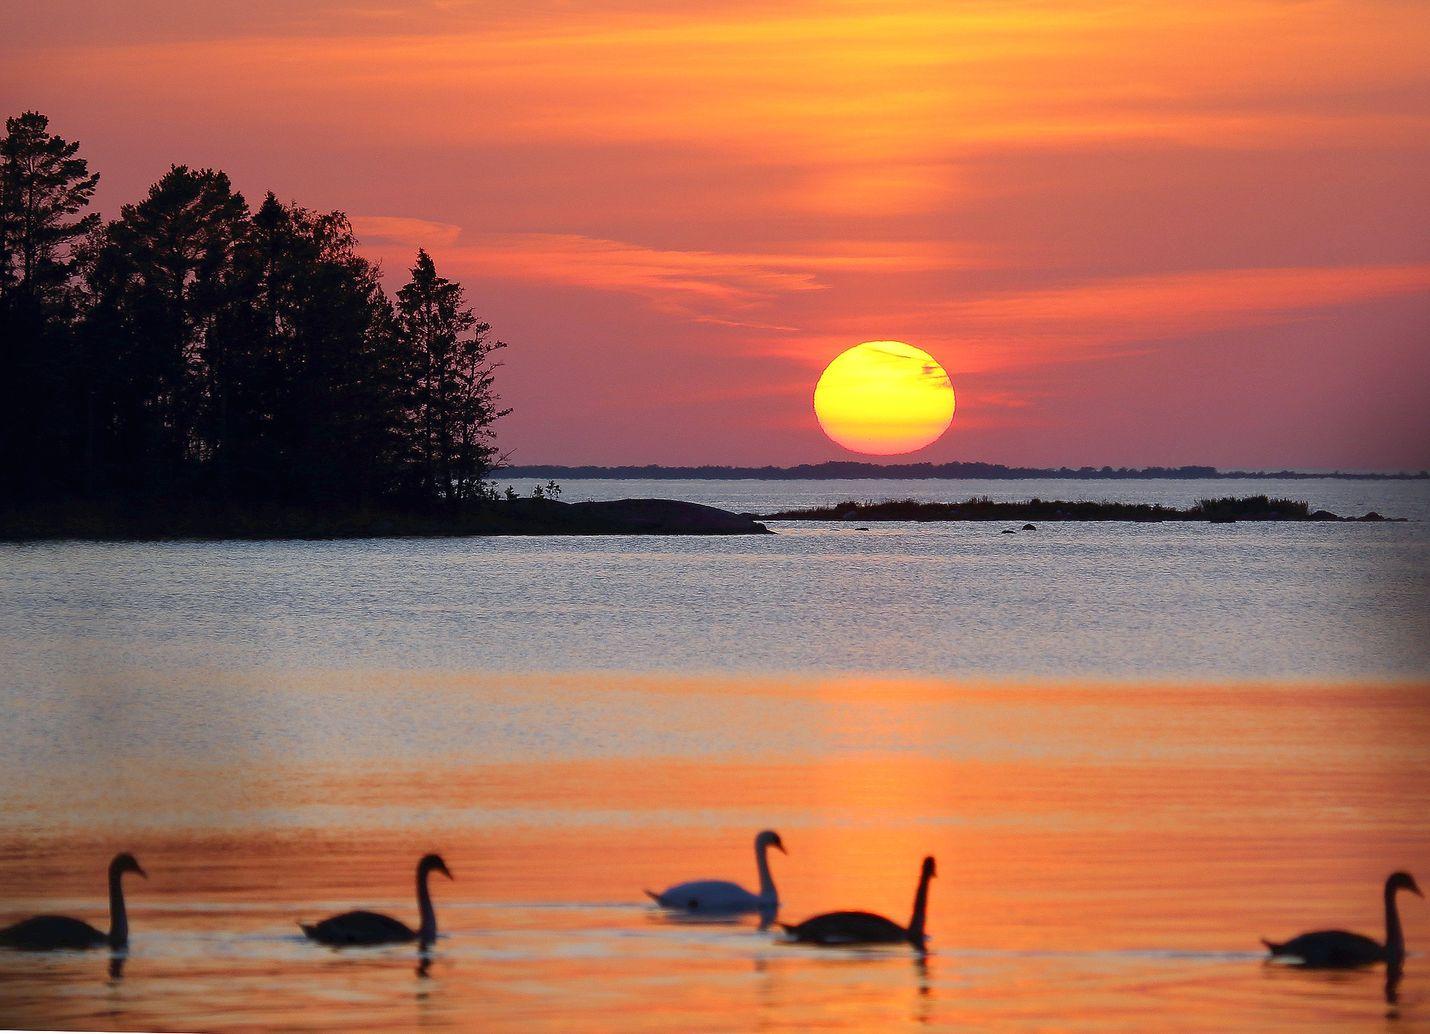 Sunnuntai oli poikkeuksellisen lämmin ja niin oli iltakin. Pyhämaassa aurinko laski melkein tyyneen mereen joutsenten seuratessa tilannetta, kertoo kuvan ottanut Erkki Railio.